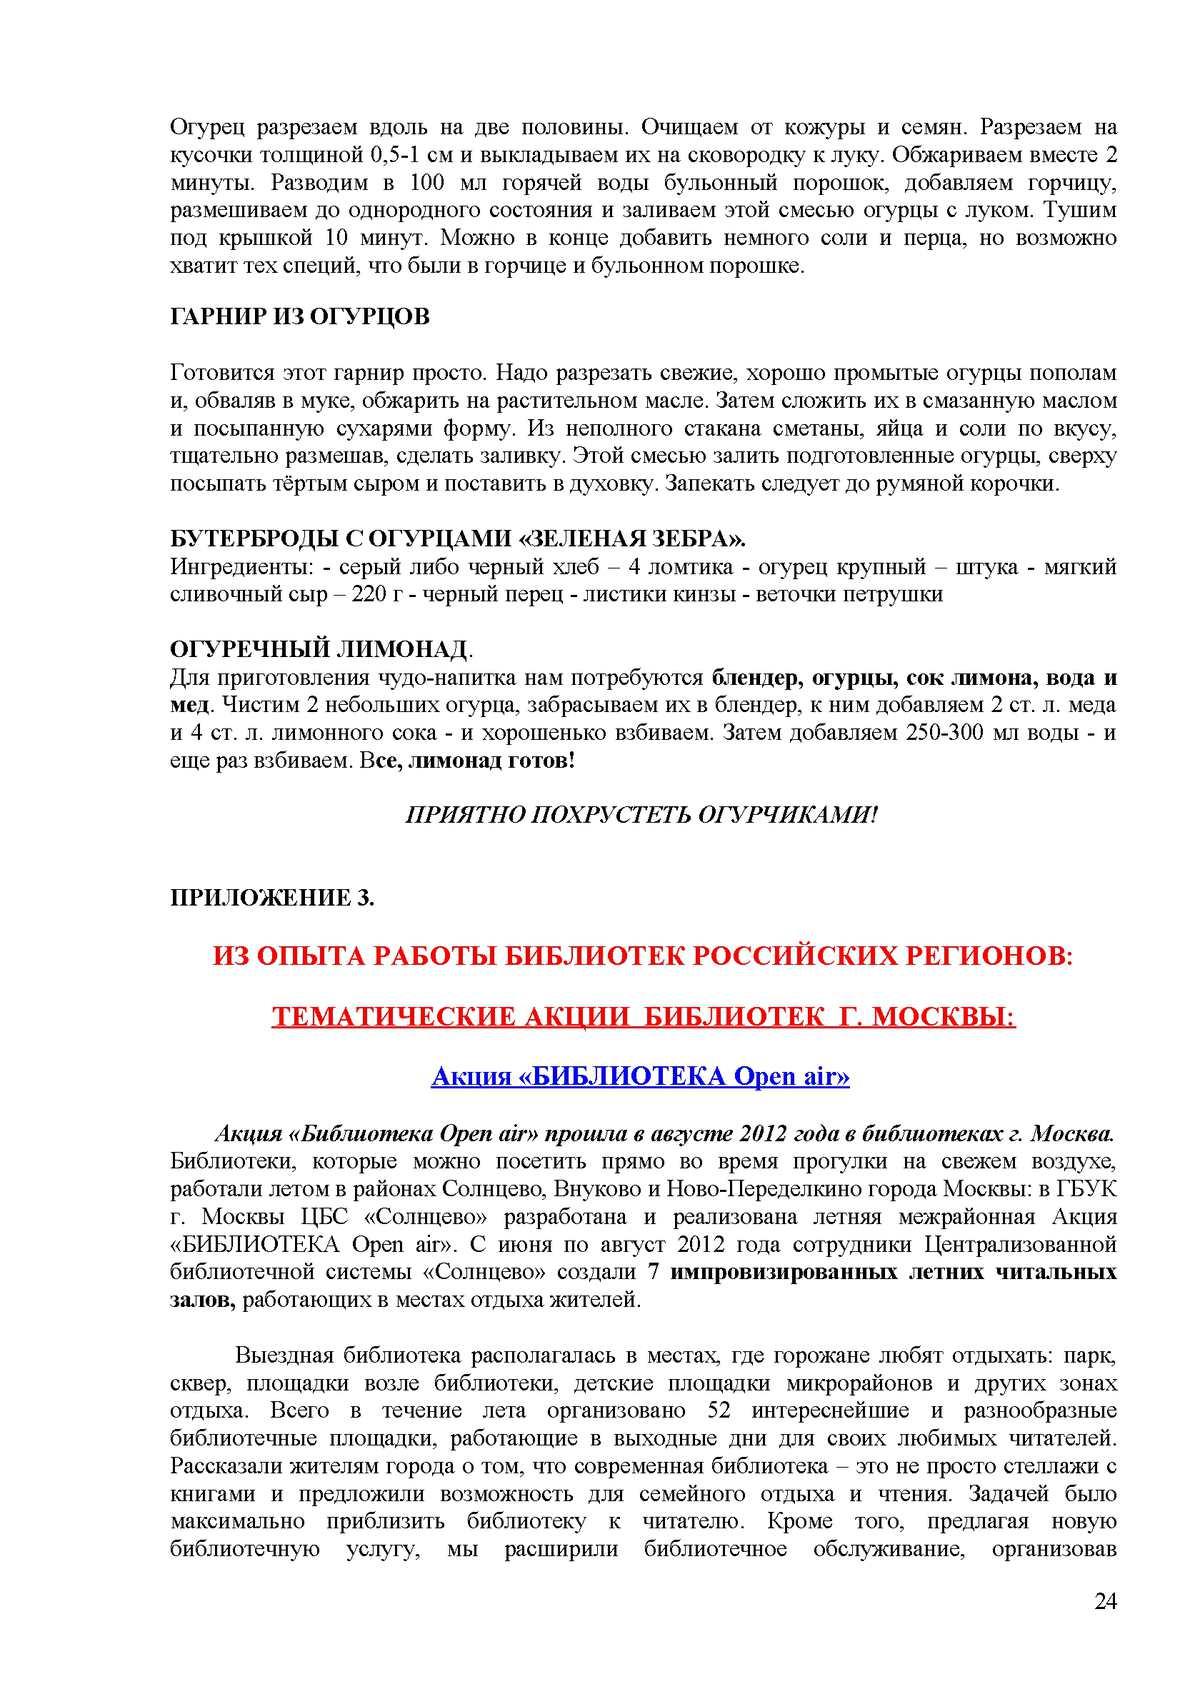 Как можно оформить медицинскую книжку в Москве Солнцево